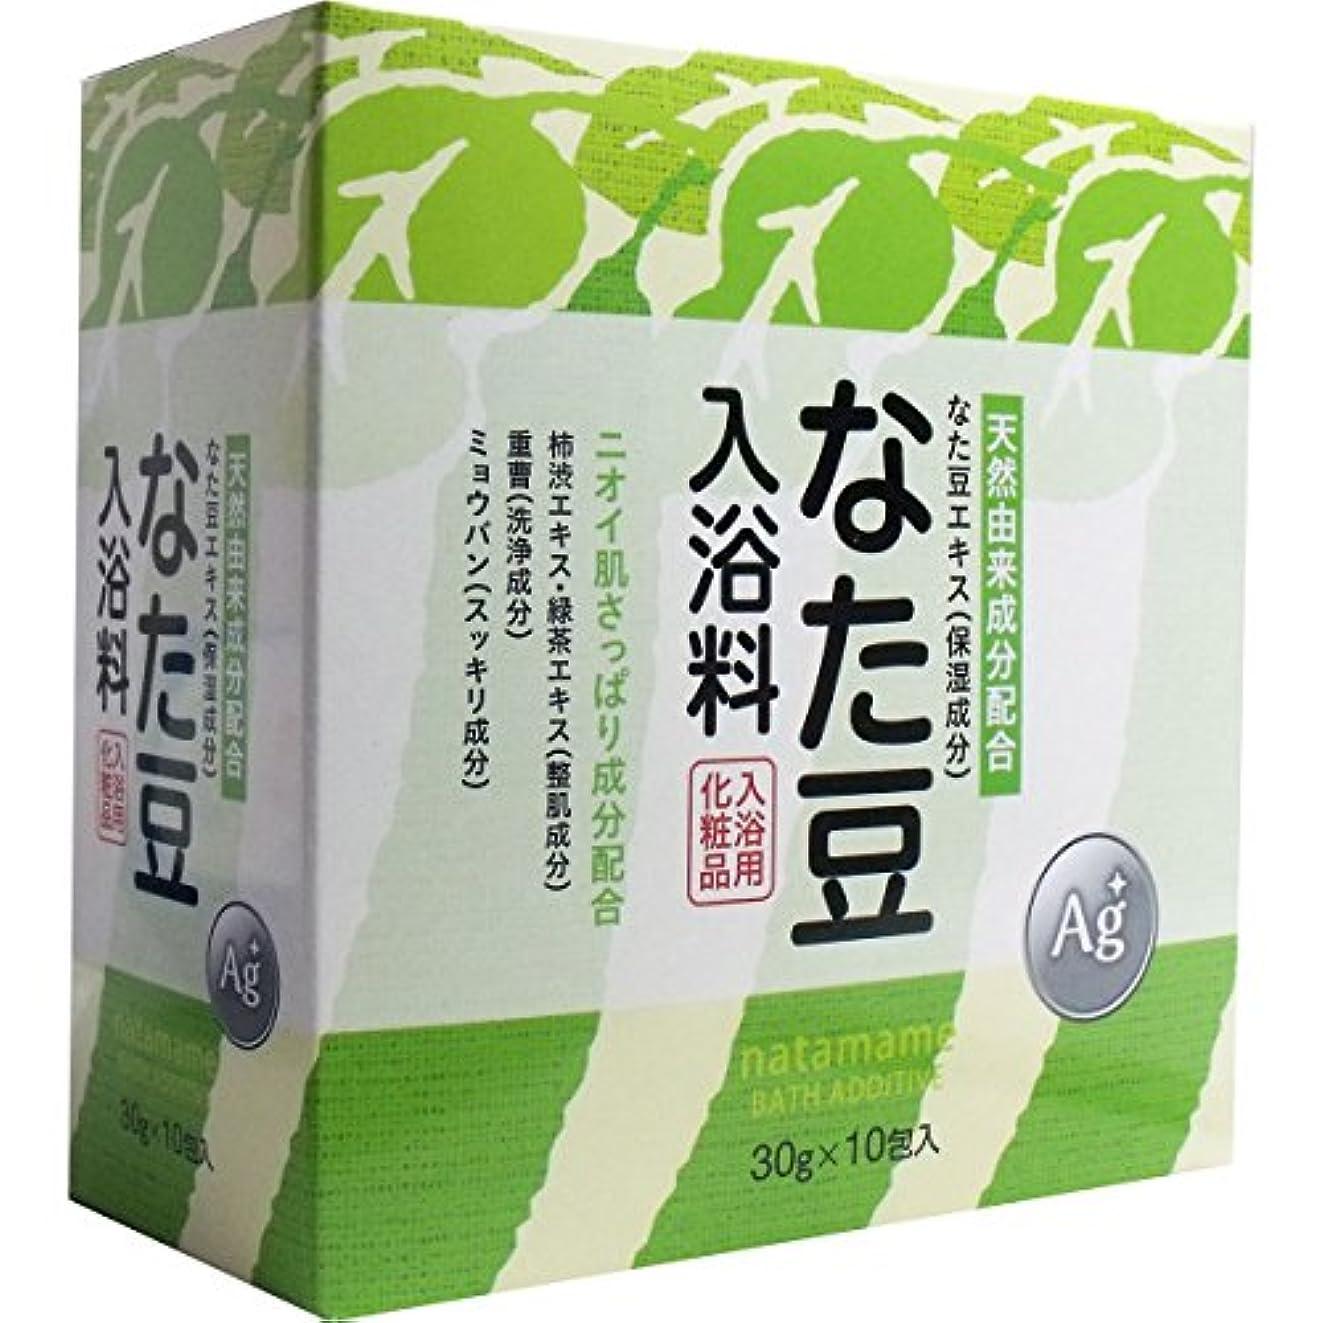 アリーナ対記述する天然由来成分配合 なた豆入浴料 入浴用化粧品 30g×10包入